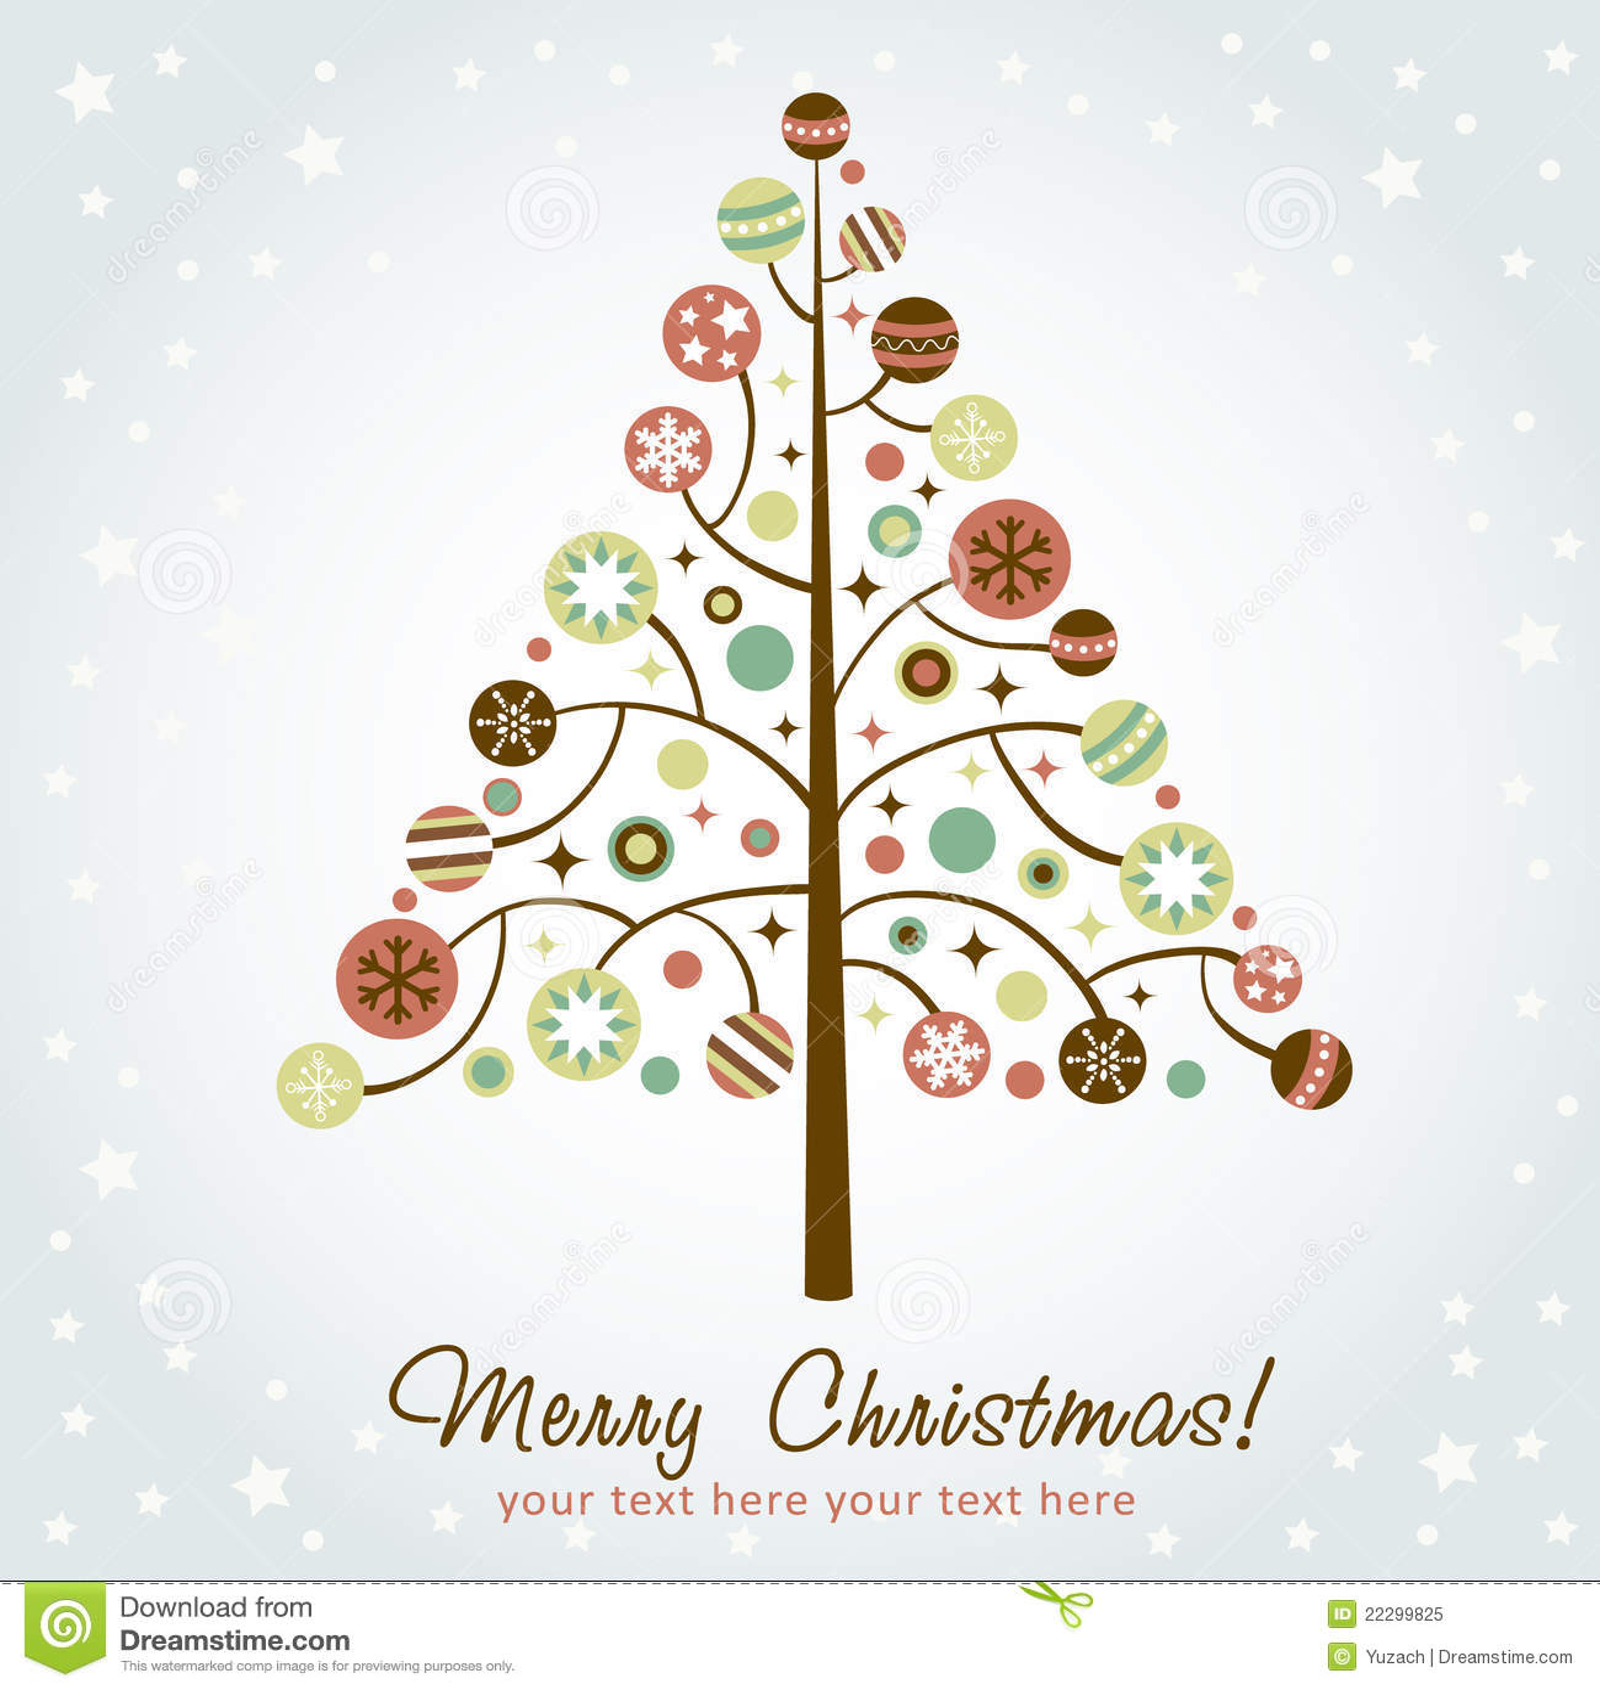 Rbol de navidad estilizado del dise o foto de archivo - Arbol de navidad diseno ...